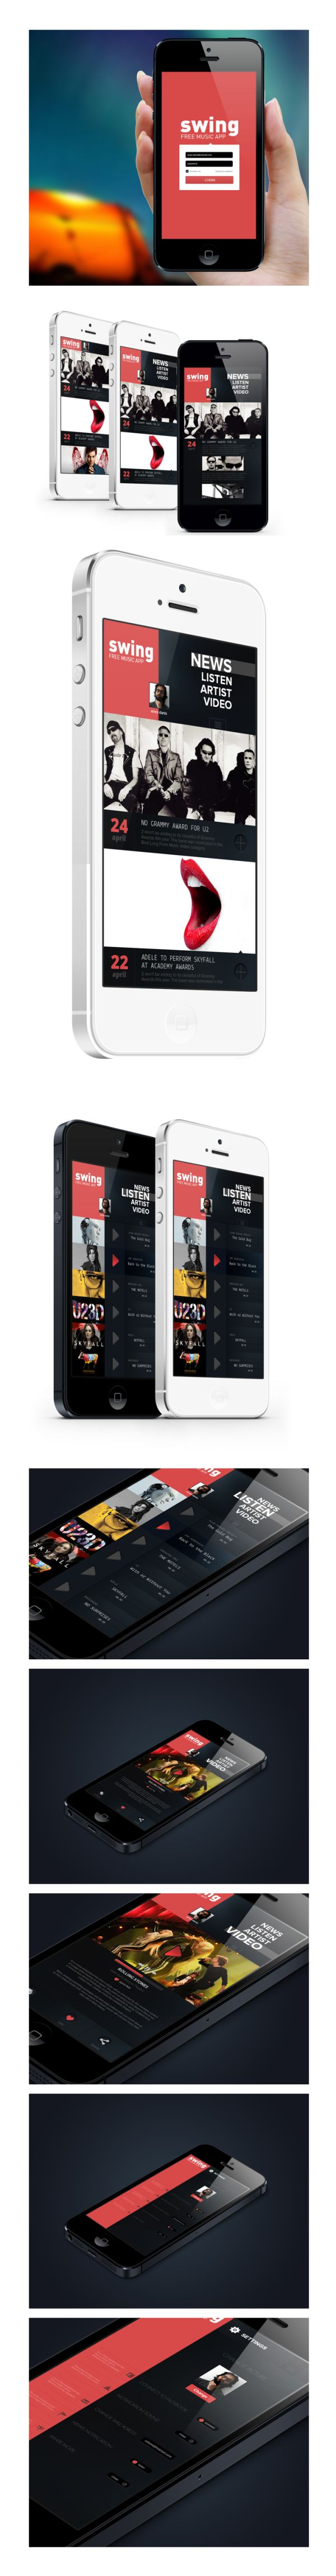 #iphone Music #App Concept by Enes Danış, via #Behance #UI #Mobile